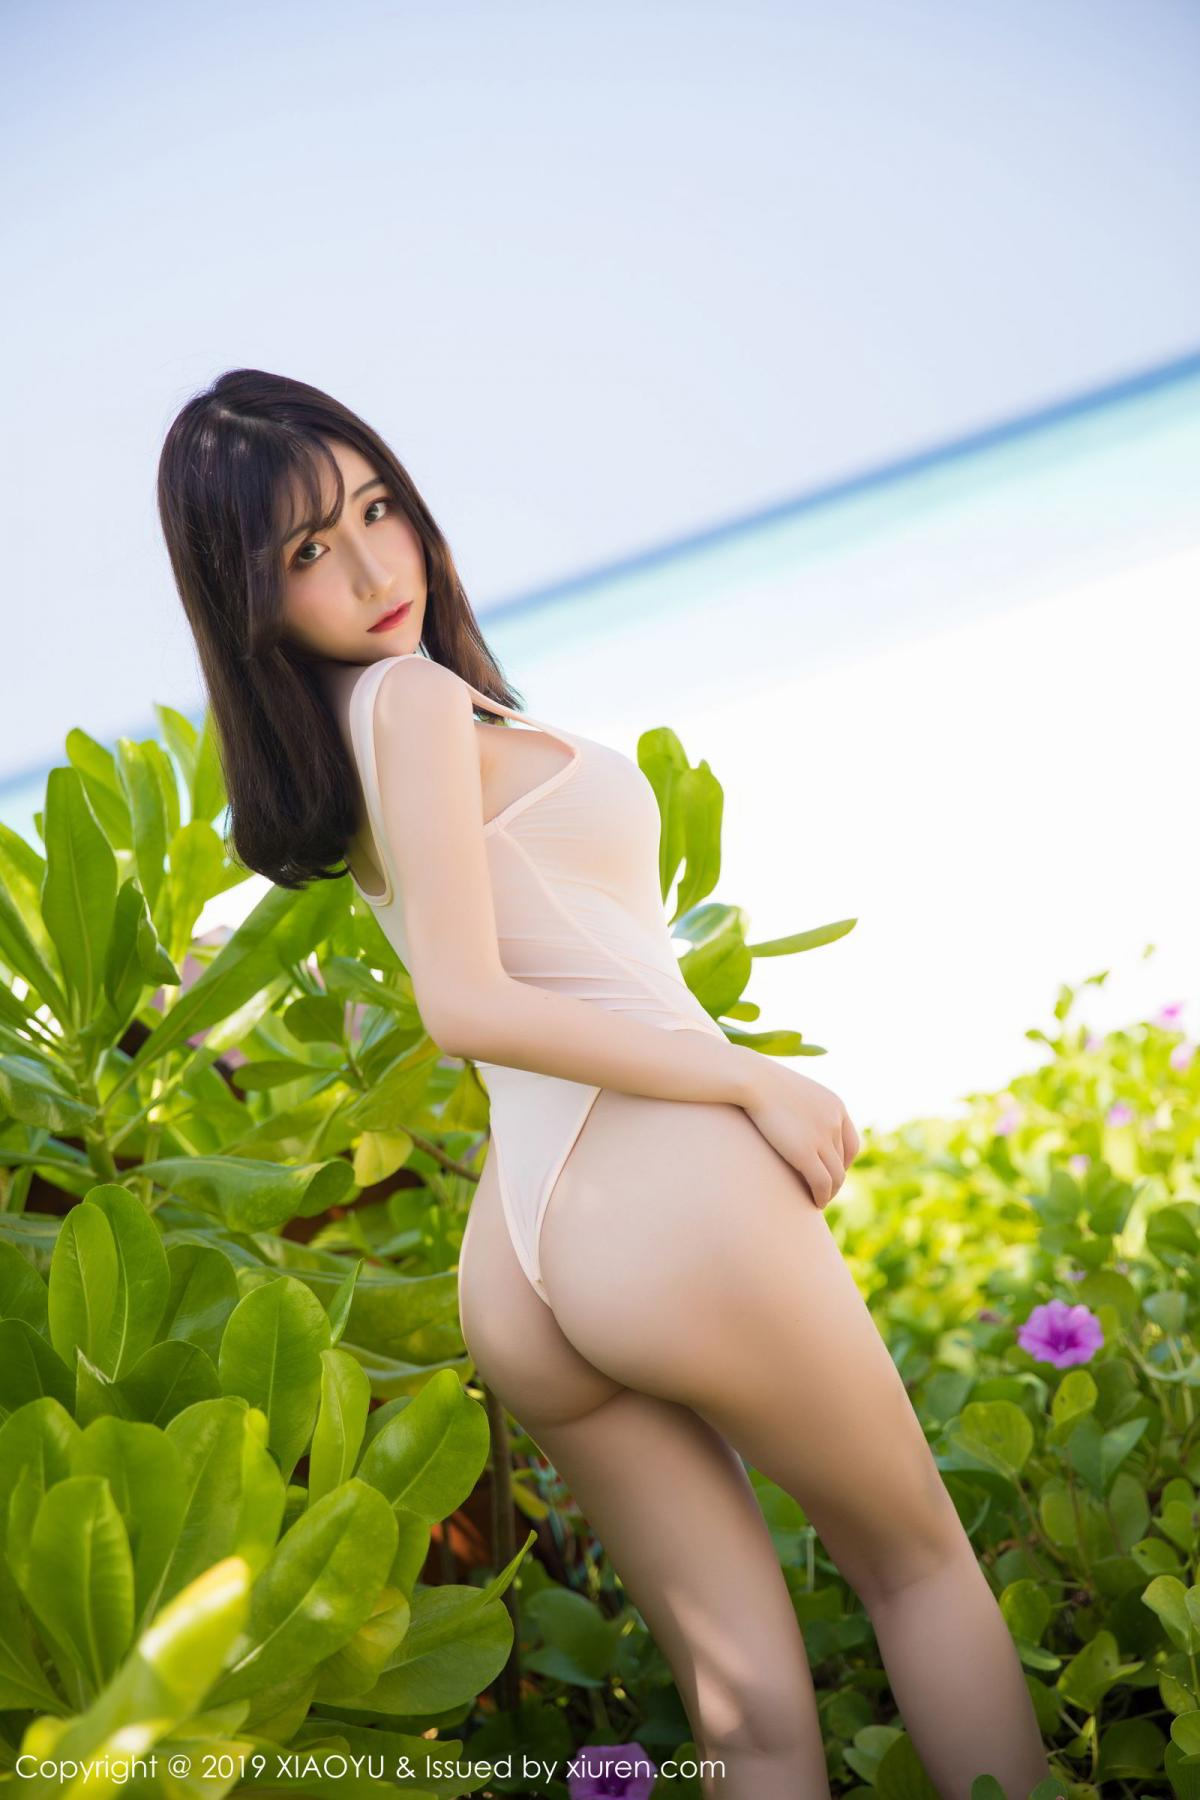 [XiaoYu] Vol.155 Xie Zhi Xin 27P, Bathroom, Big Booty, Wet, XiaoYu, Xie Zhi Xin